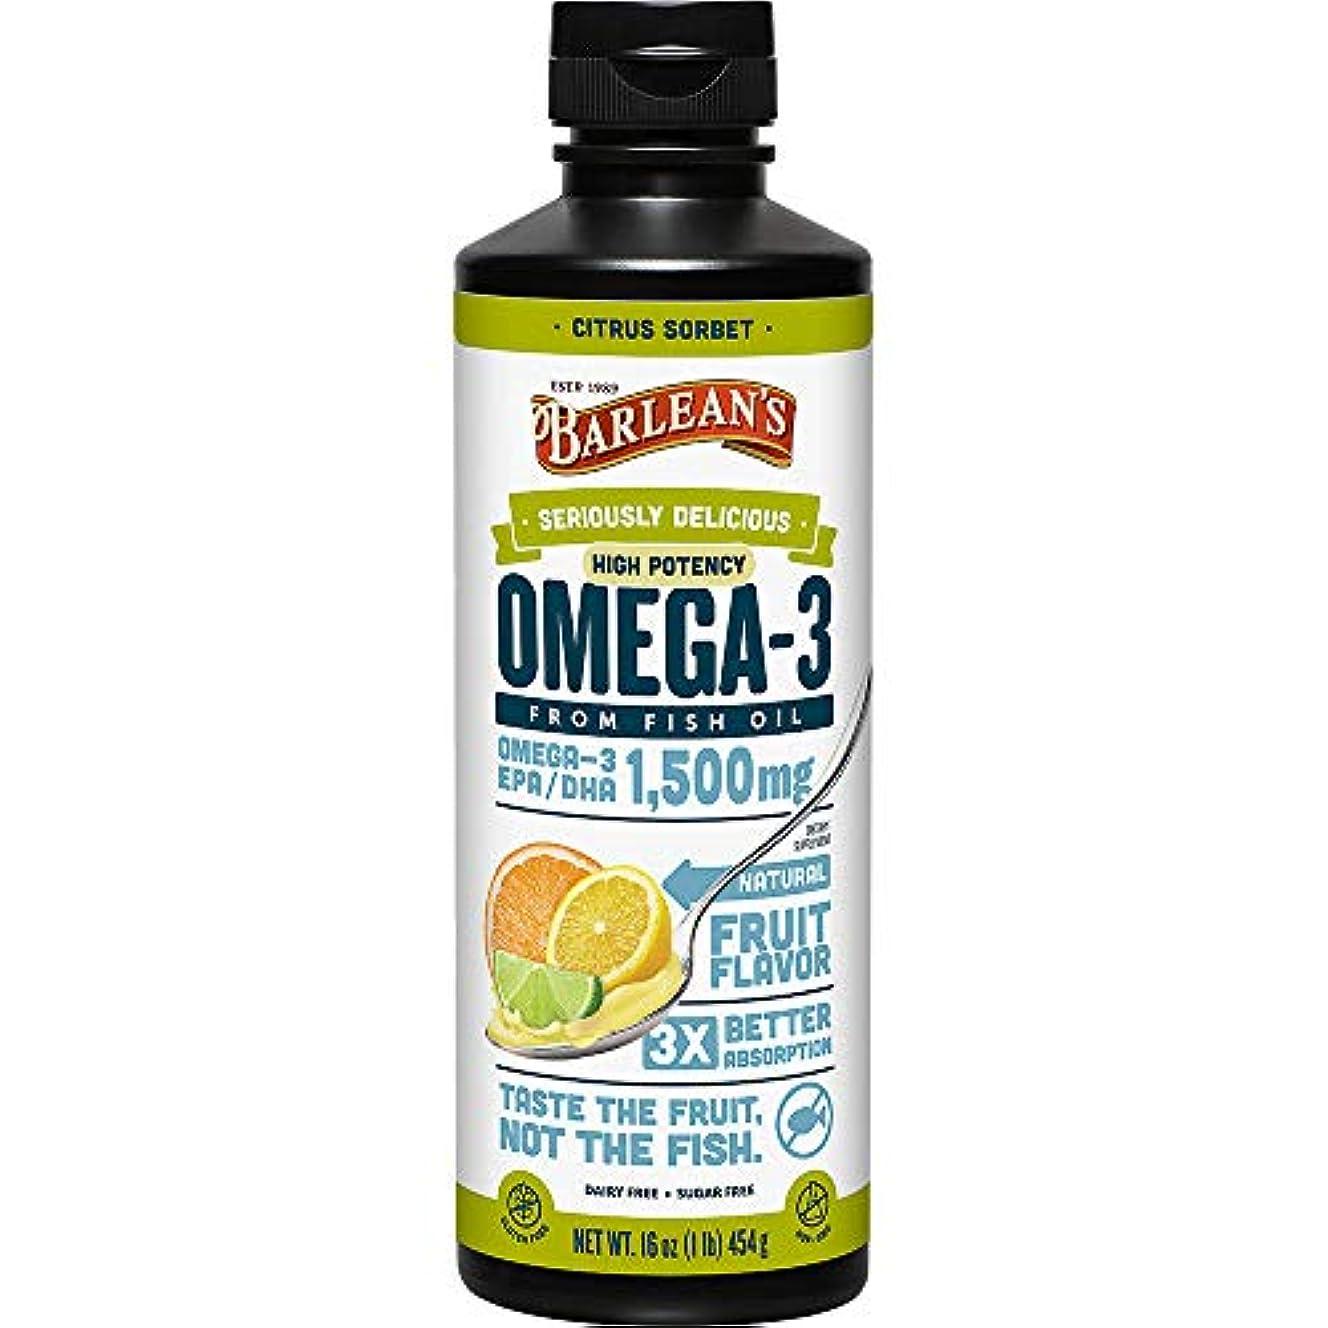 行商記憶手首Omega Swirl, Ultra High Potency Fish Oil, Citrus Sorbet - Barlean's - UK Seller by Barlean's